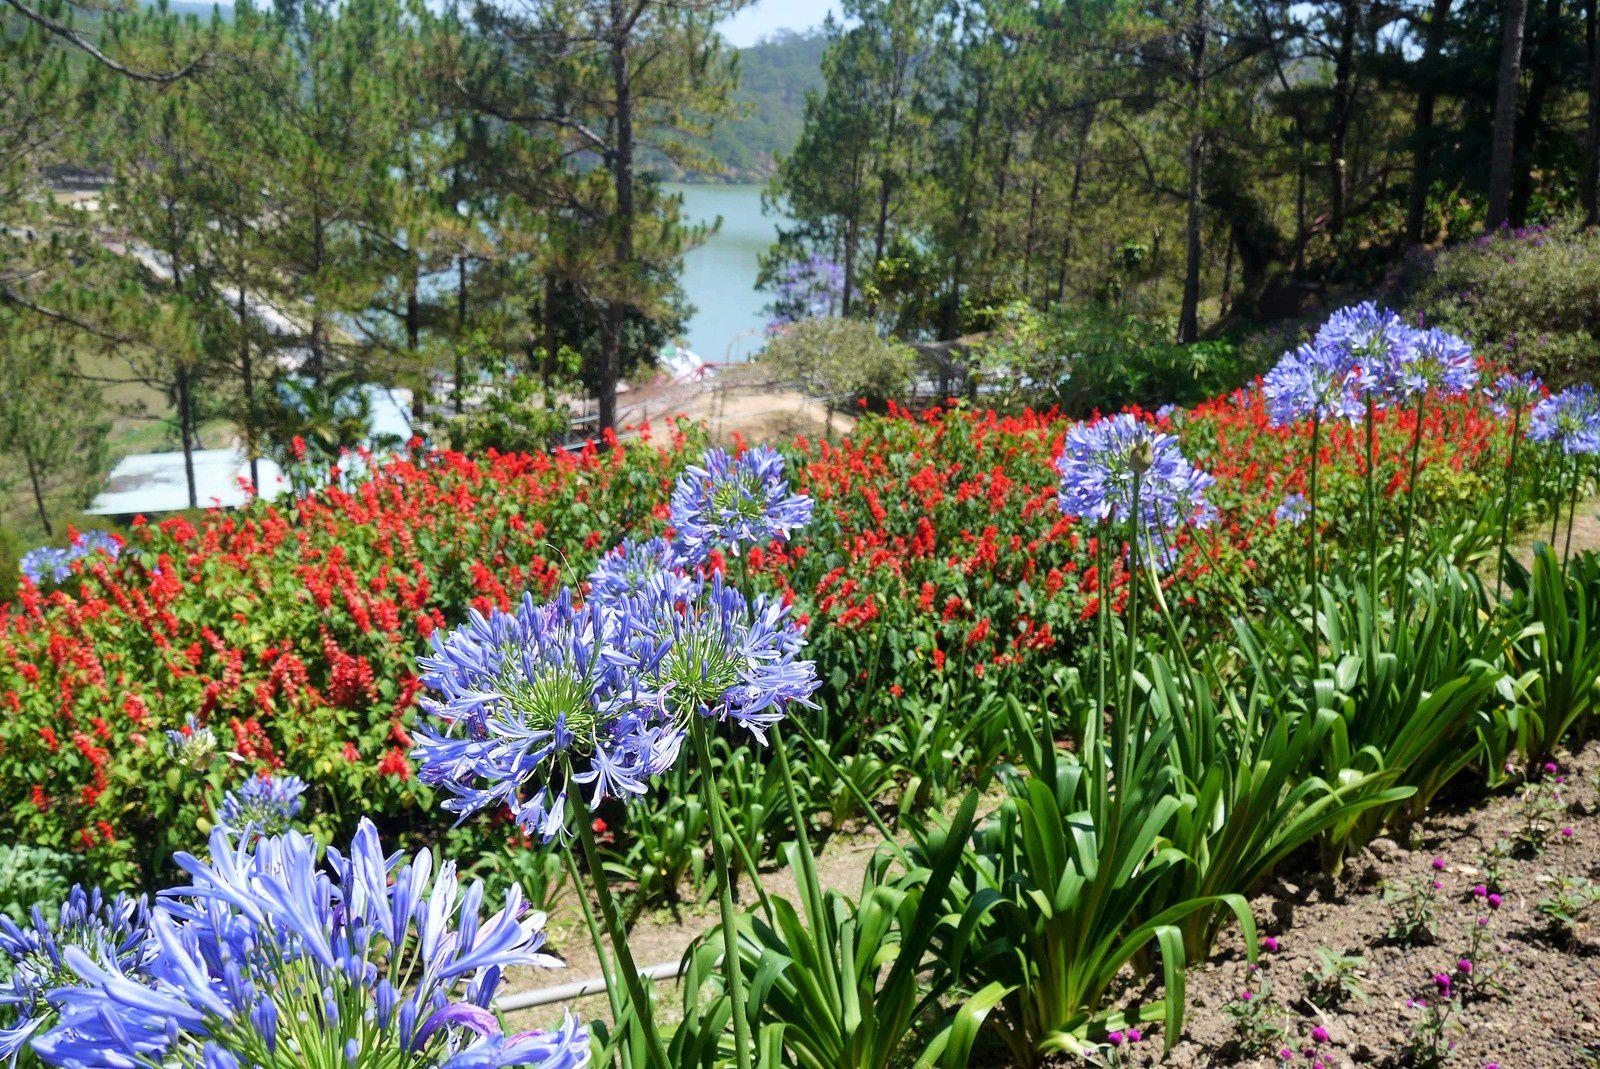 Les ornements et les massifs de fleurs sont riches de couleurs